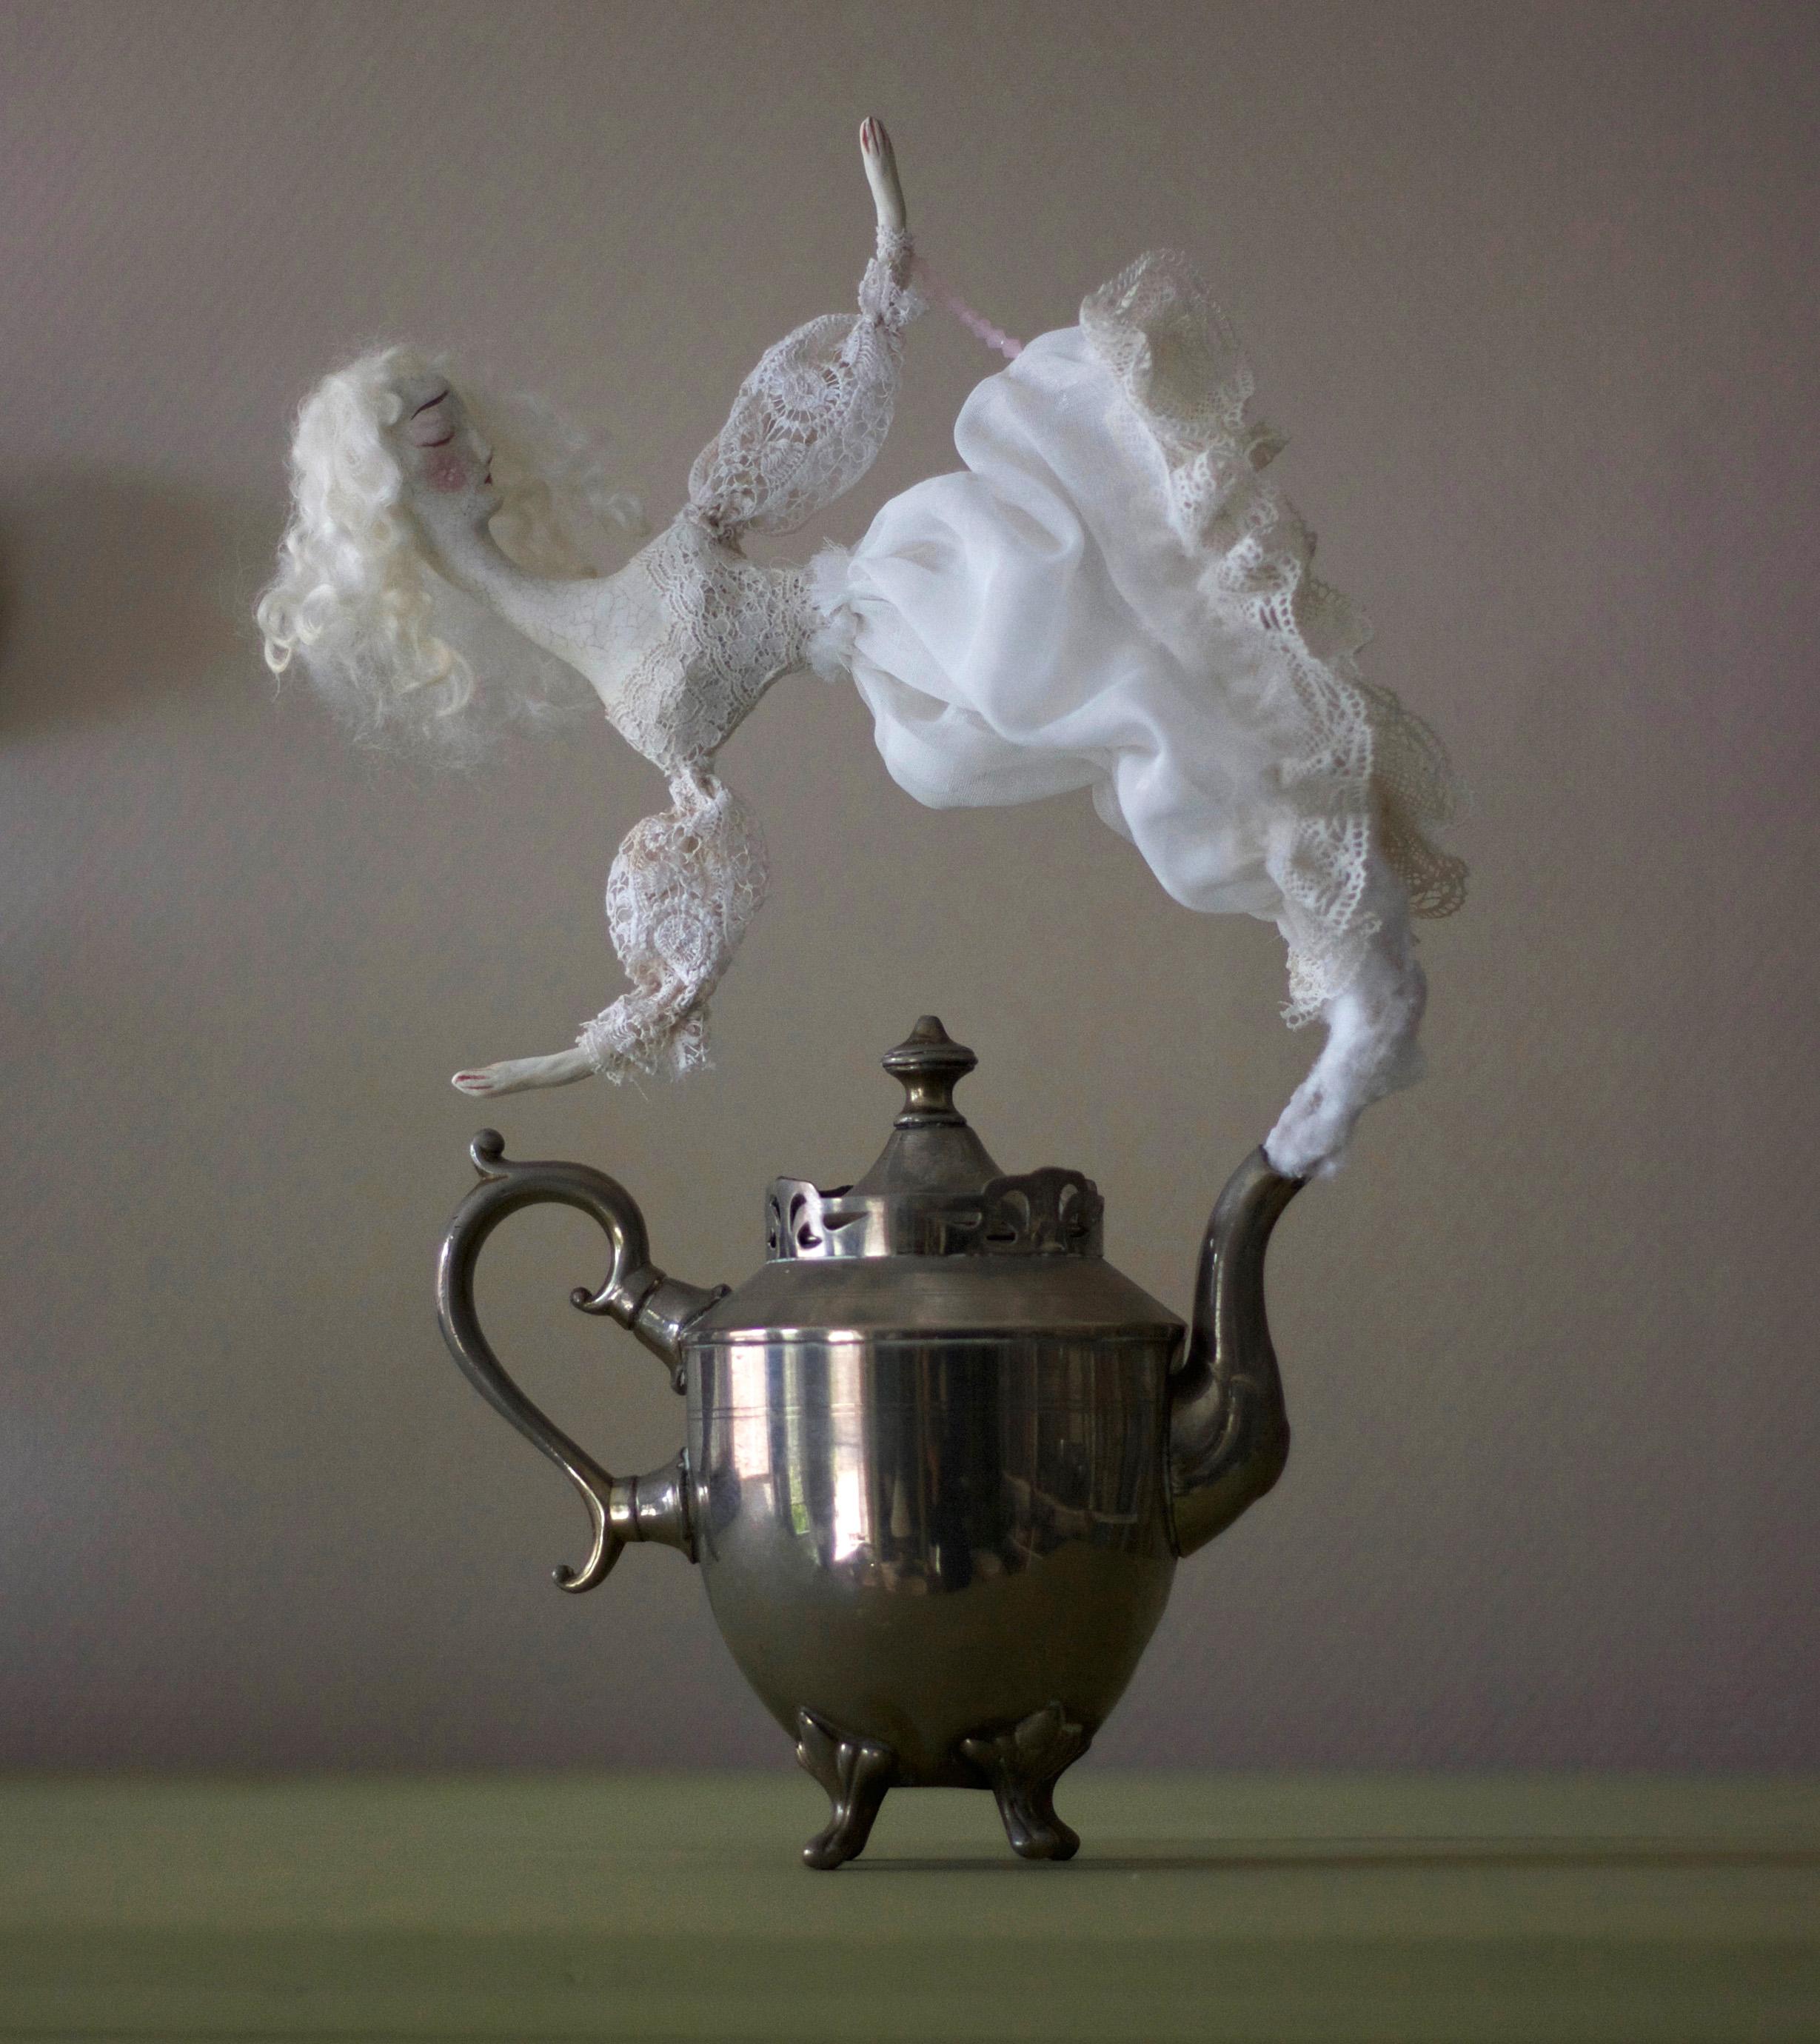 Gertrude Teapot Ghost